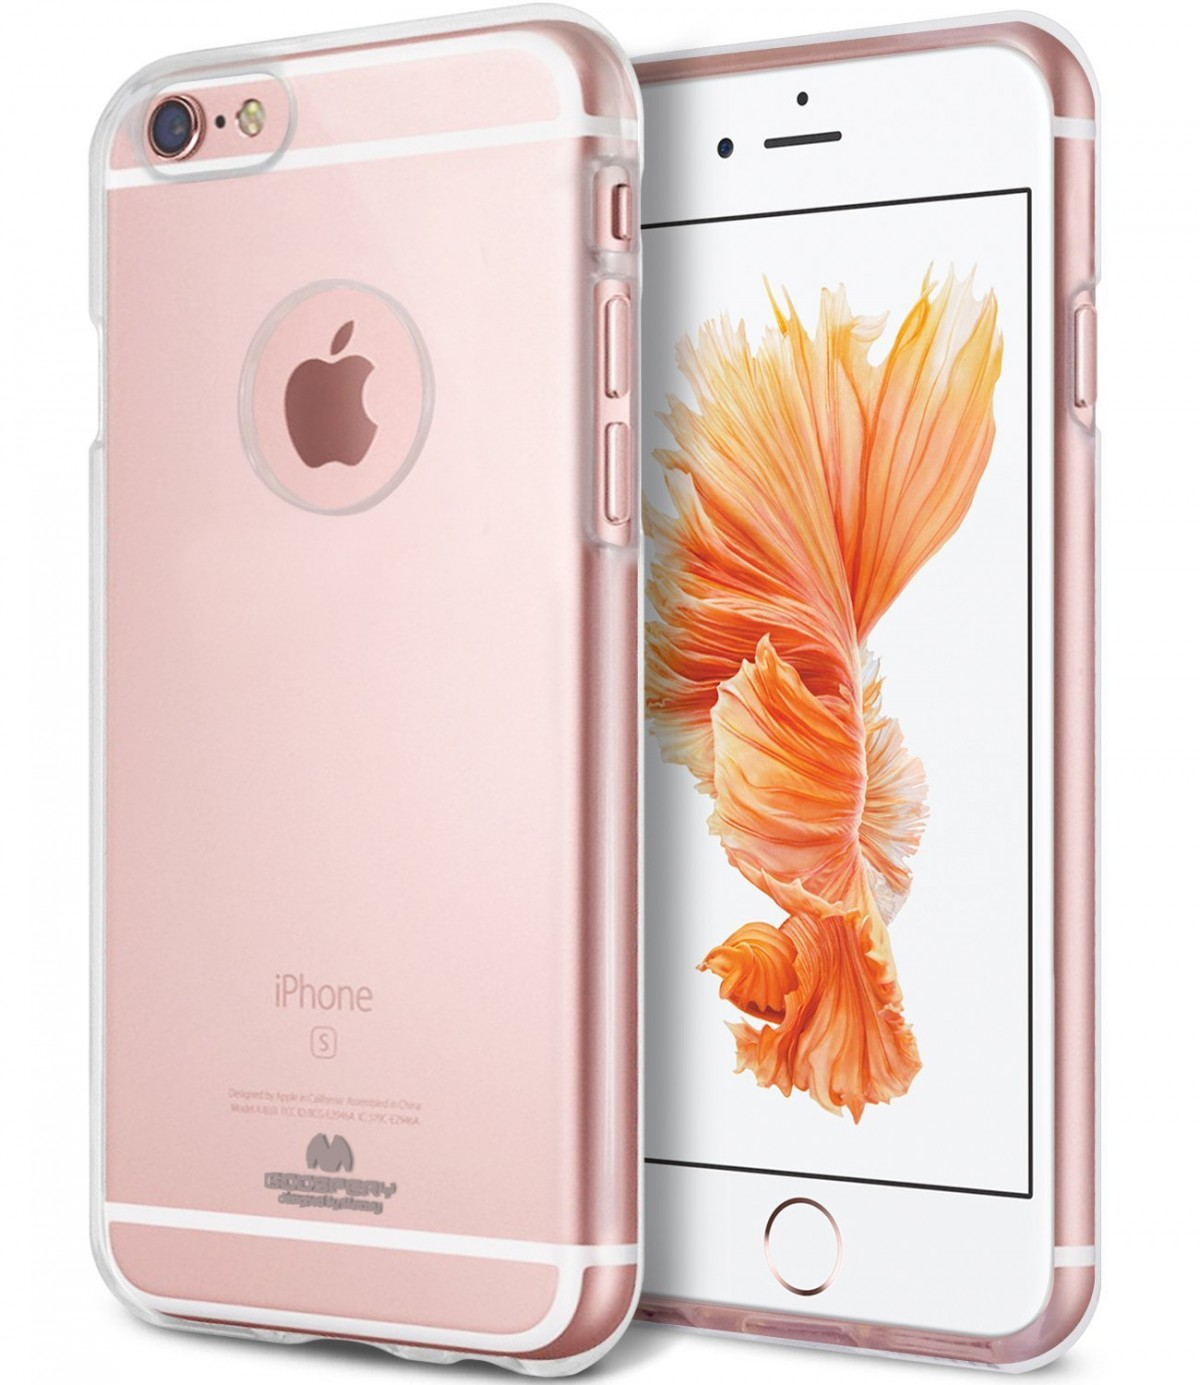 Tenké silikonové obaly / kryty Goospery Mercury pro Apple iPhone 6s/6 - Čirý / Transparentní / Průhledný